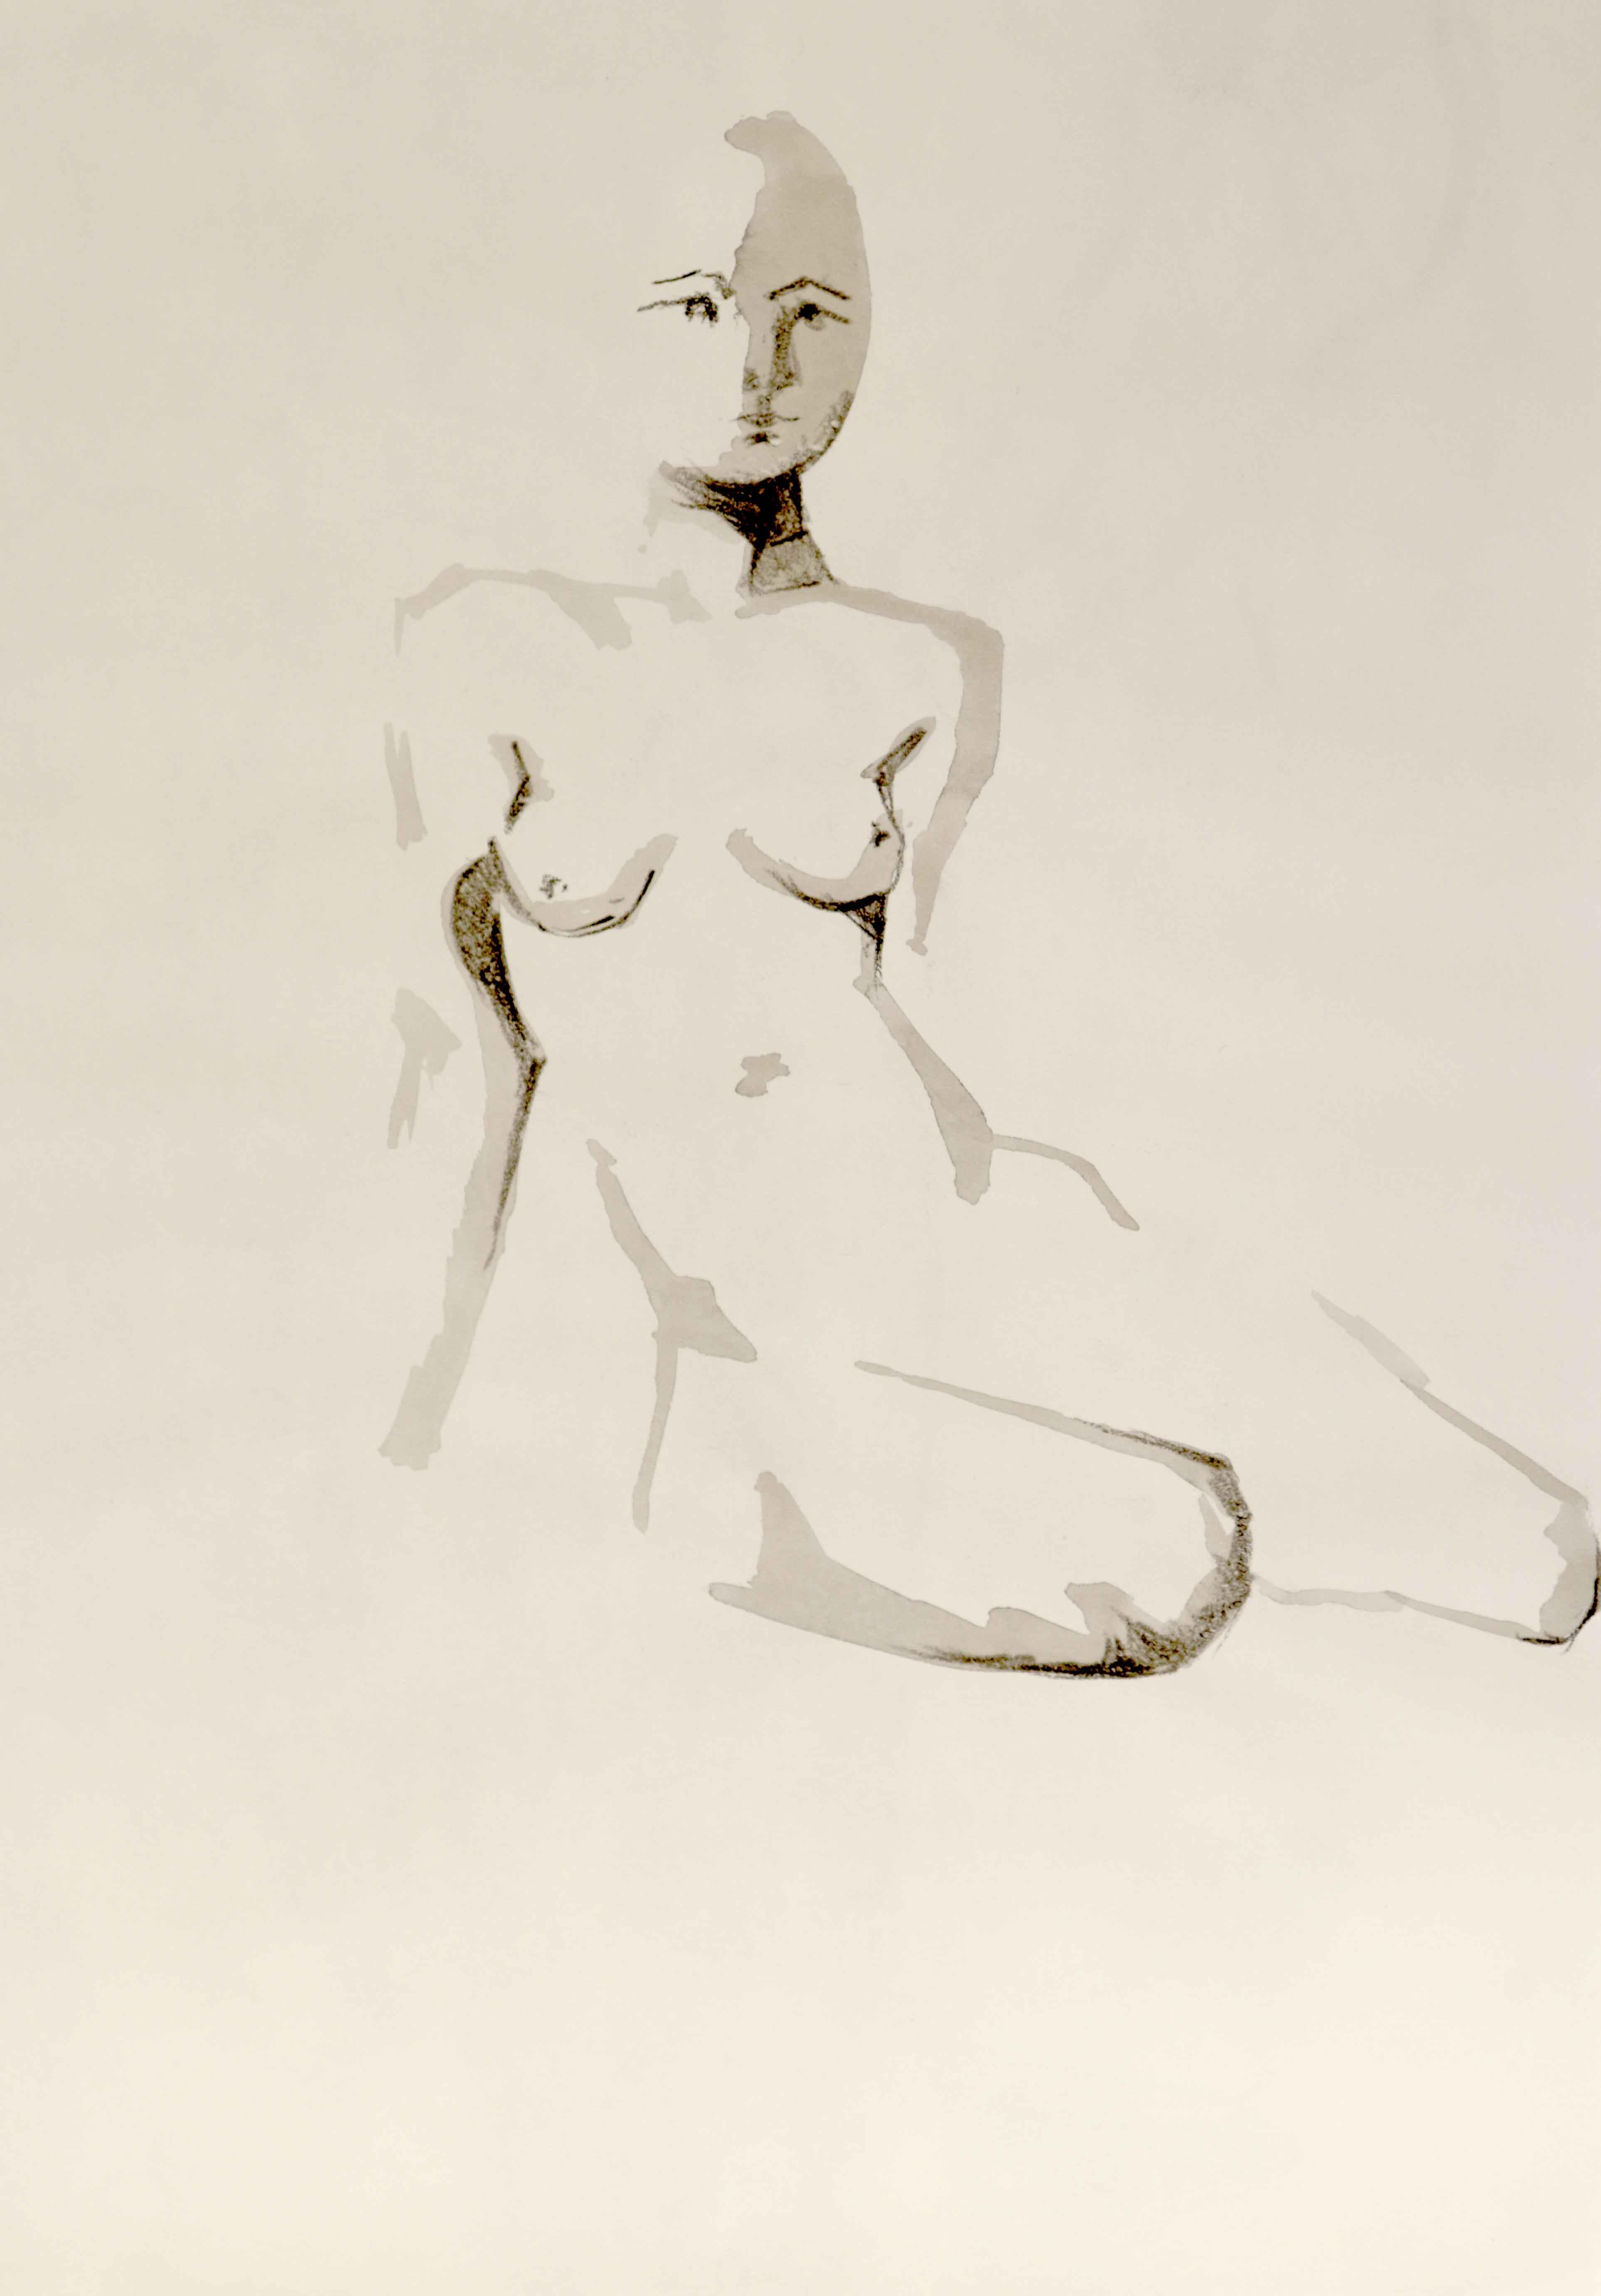 Dessin de nu encre de Chine sur papier lavi  cours de dessin